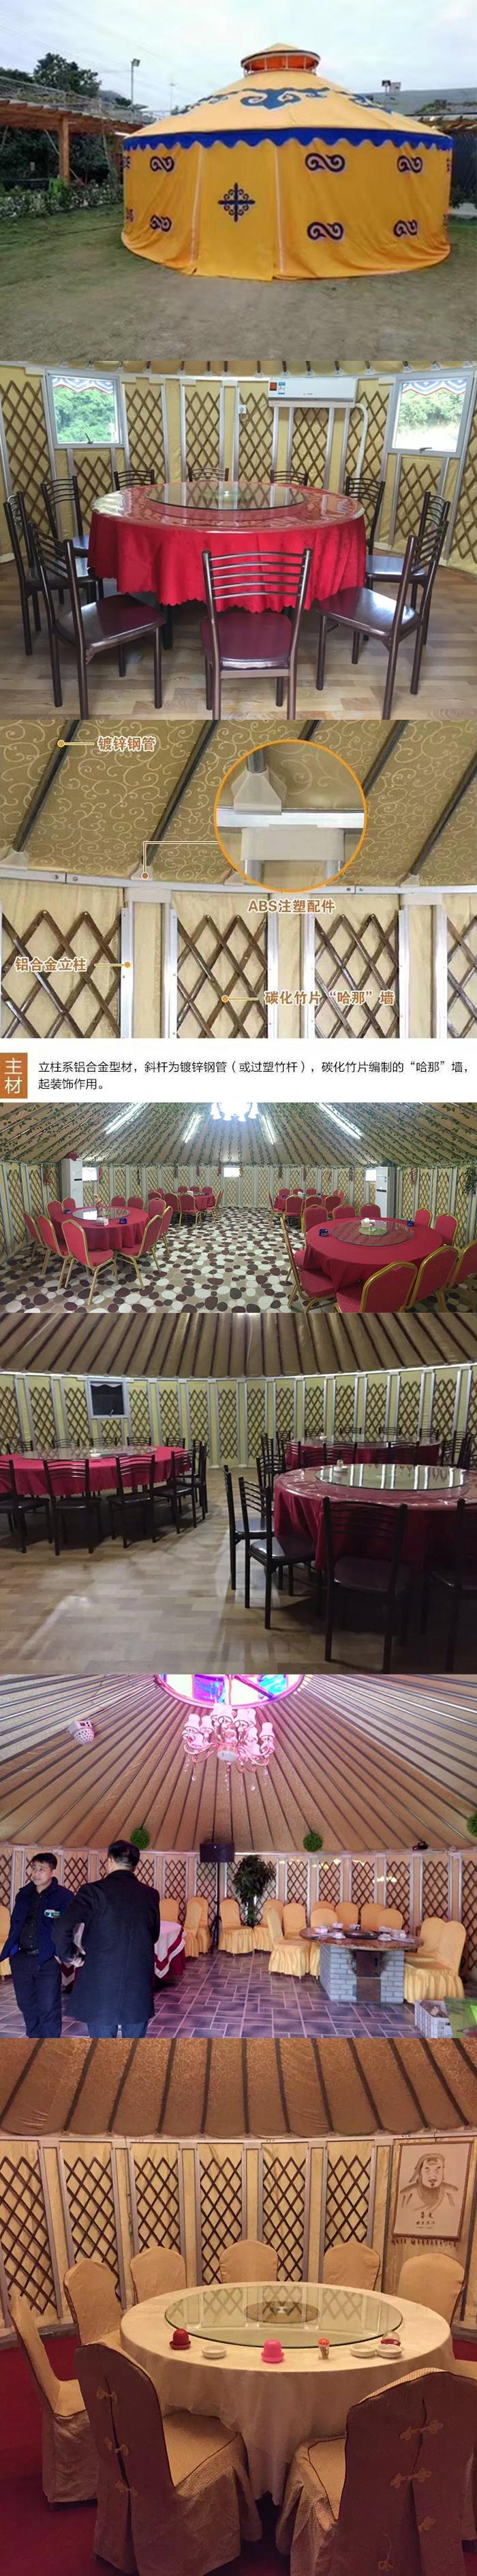 生态竹艺餐饮蒙古包